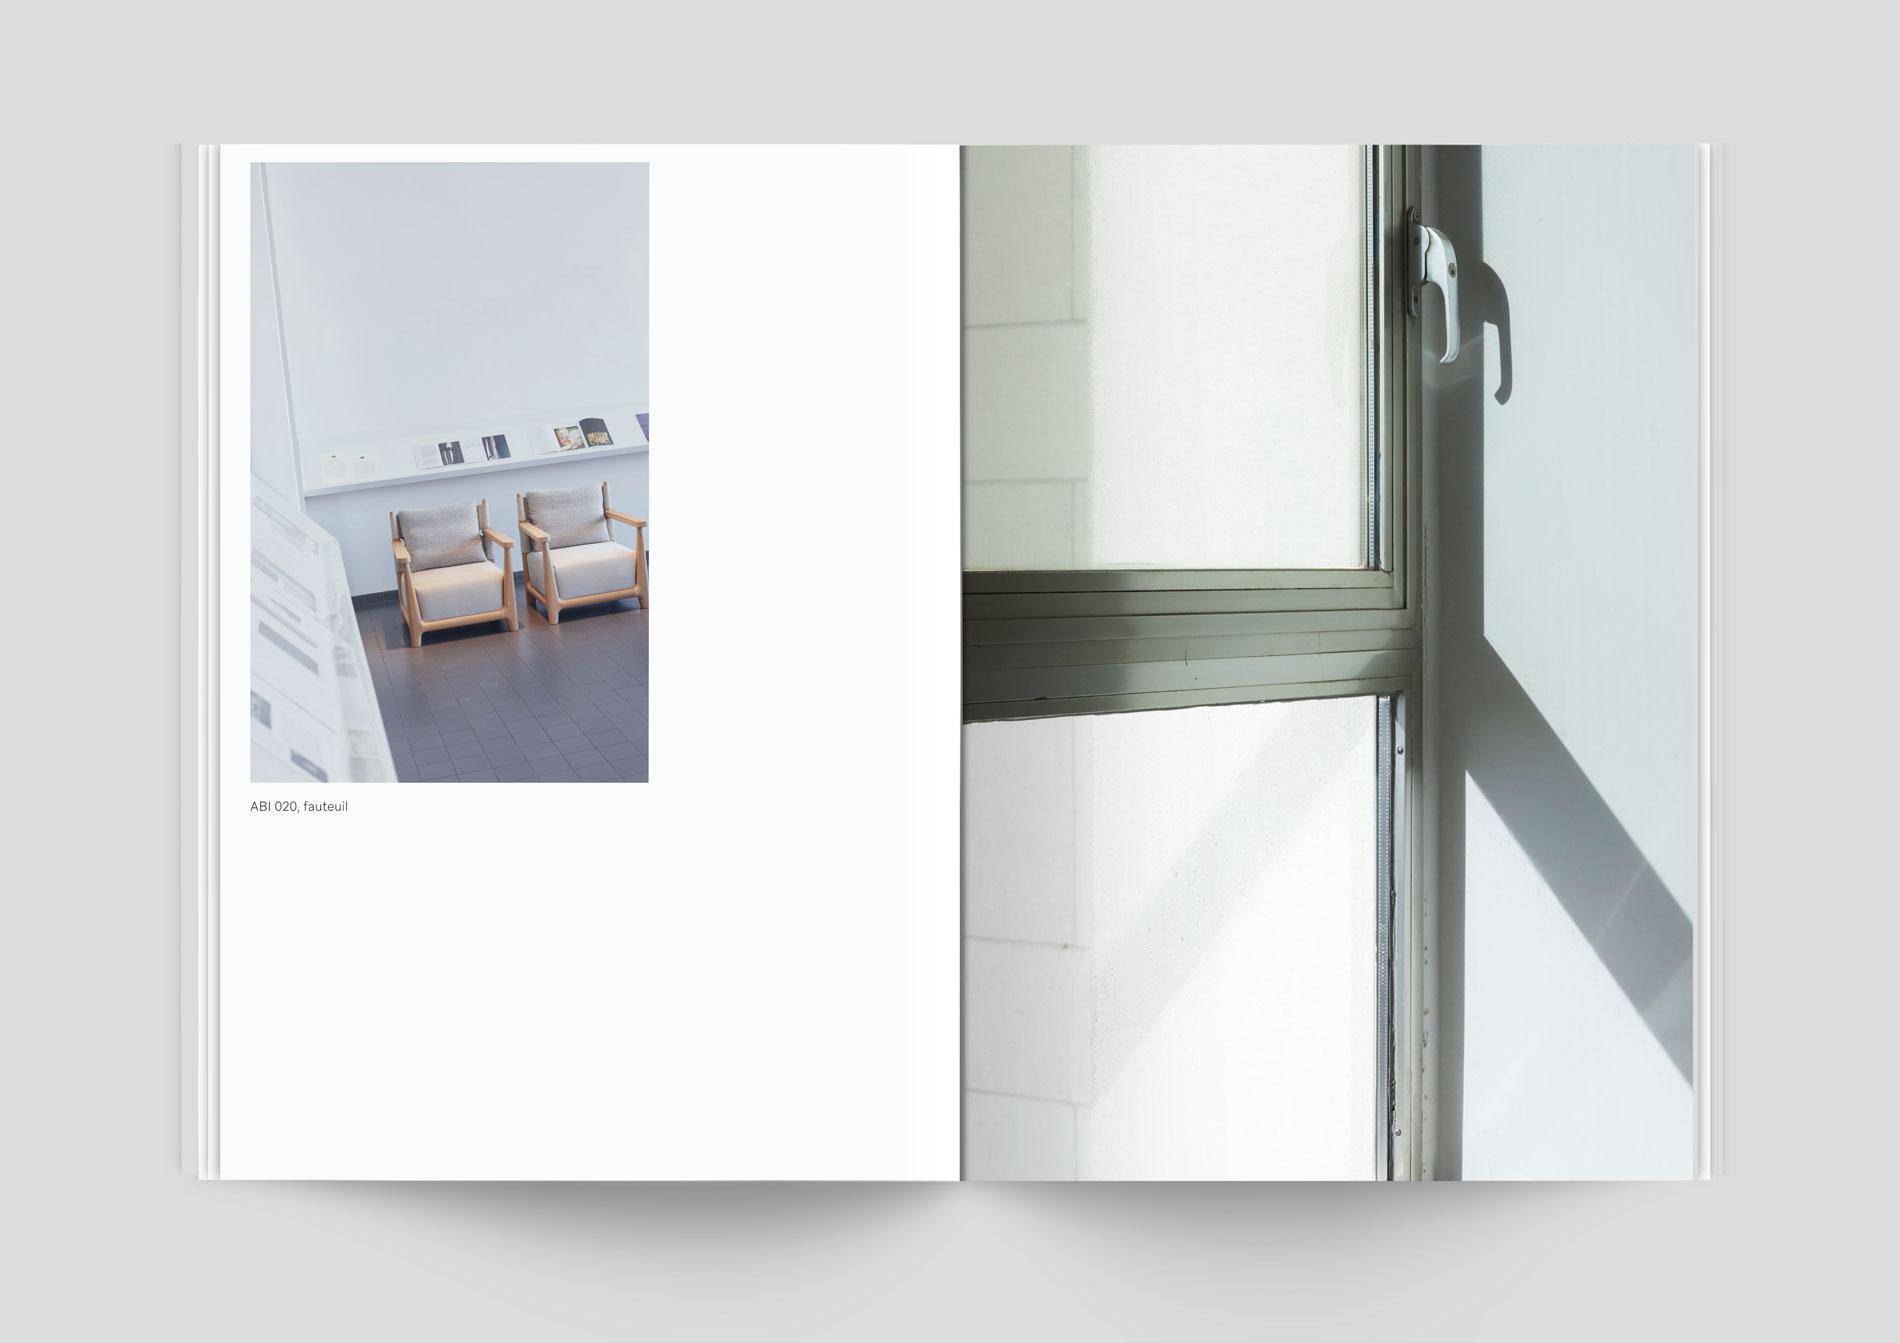 nicoletta-dalfino-van-rossum-antwerp-lookbook-05